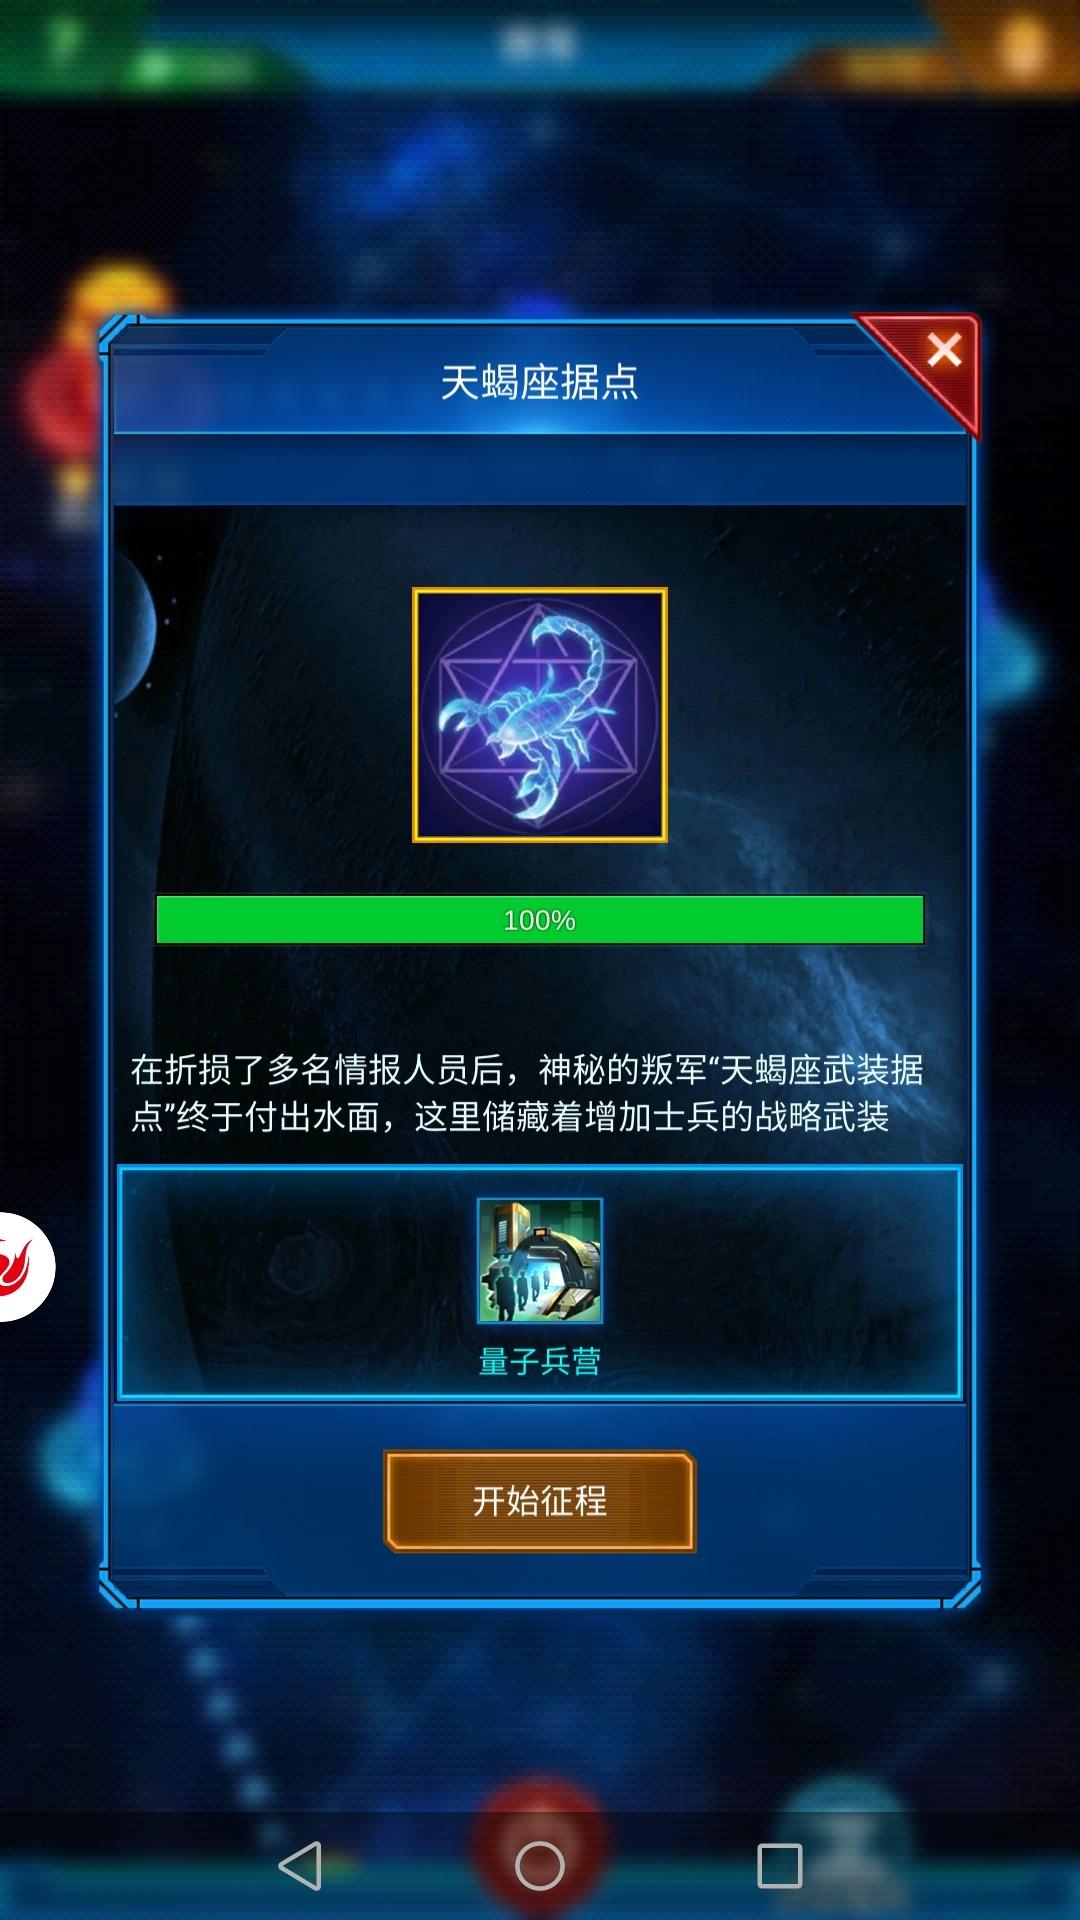 Screenshot_20200307-112415.jpg